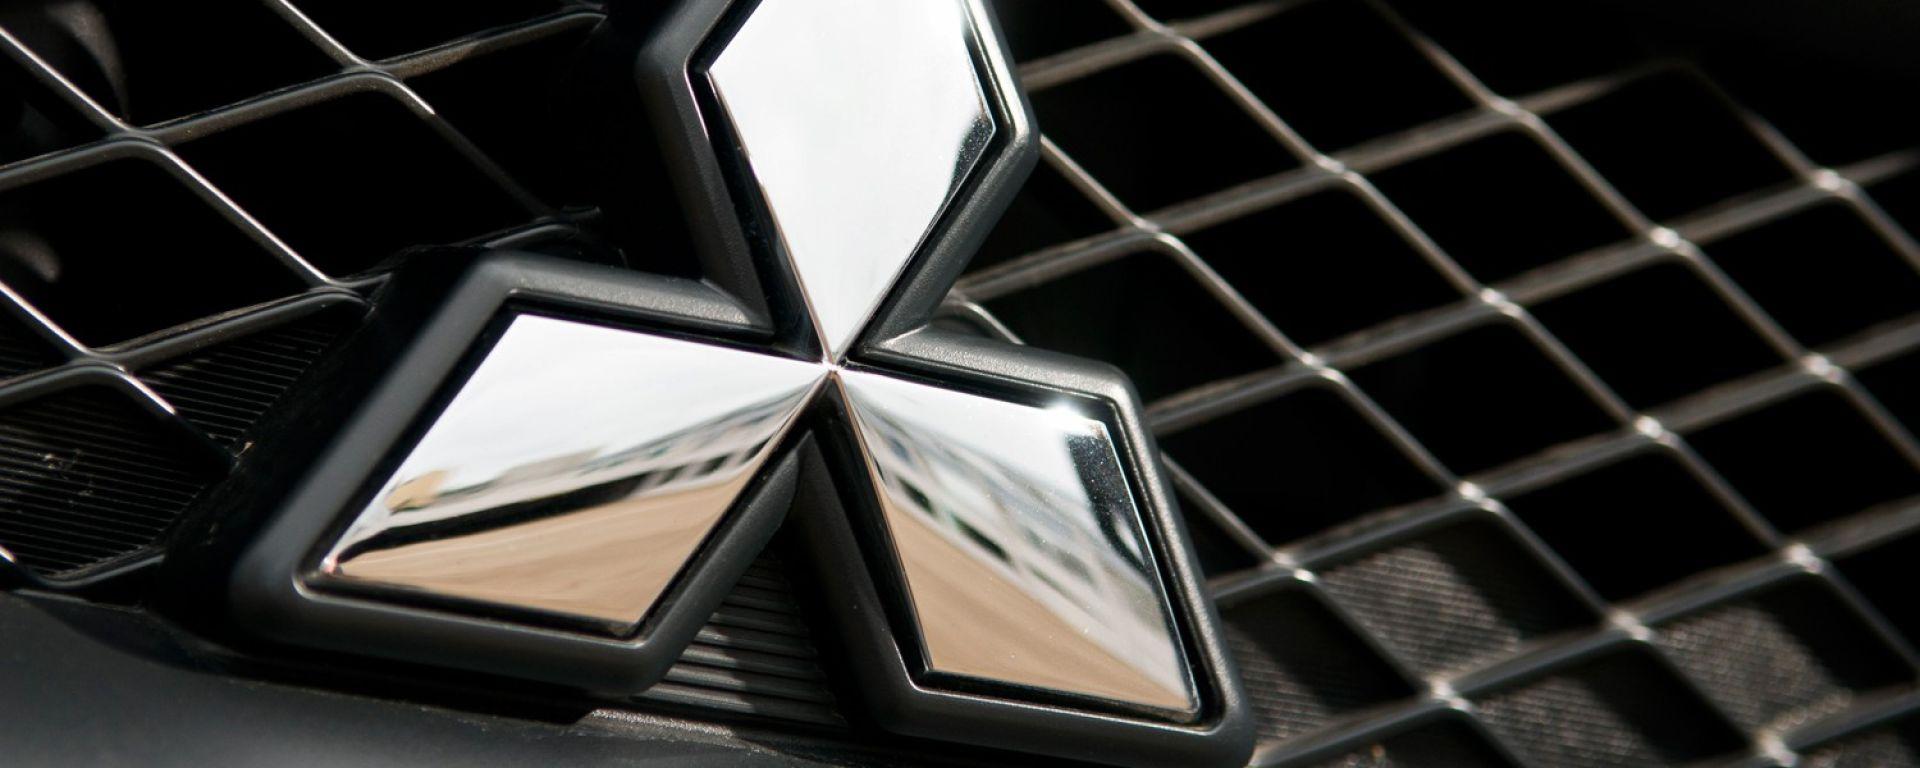 Mitsubishi: consumi falsificati per 625mila auto